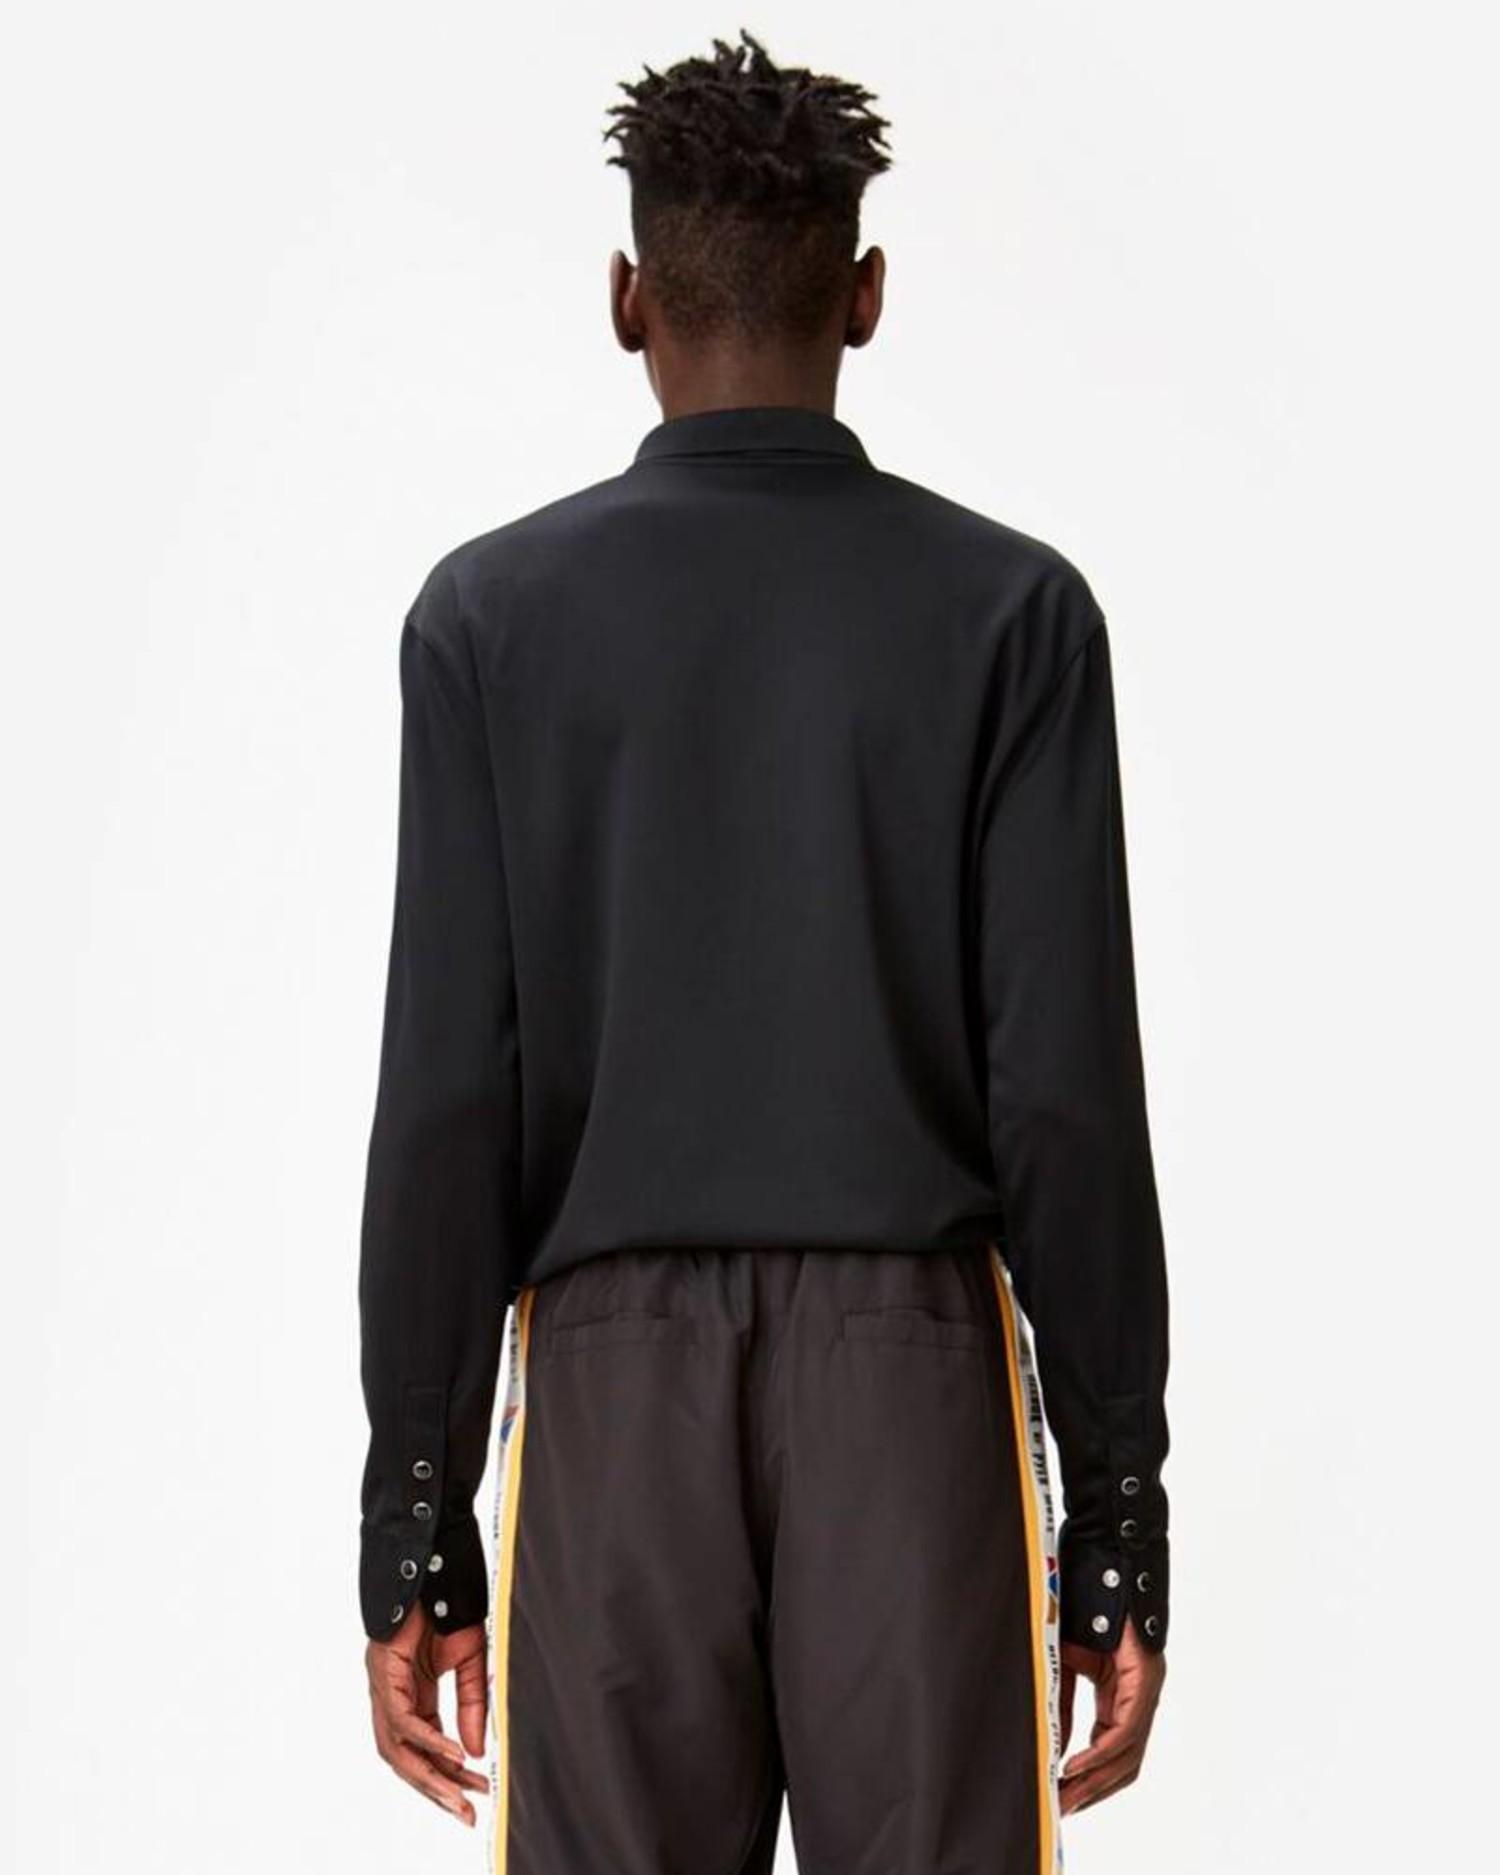 Reebok by Pyer Moss Longsleeve Polo Black/Black